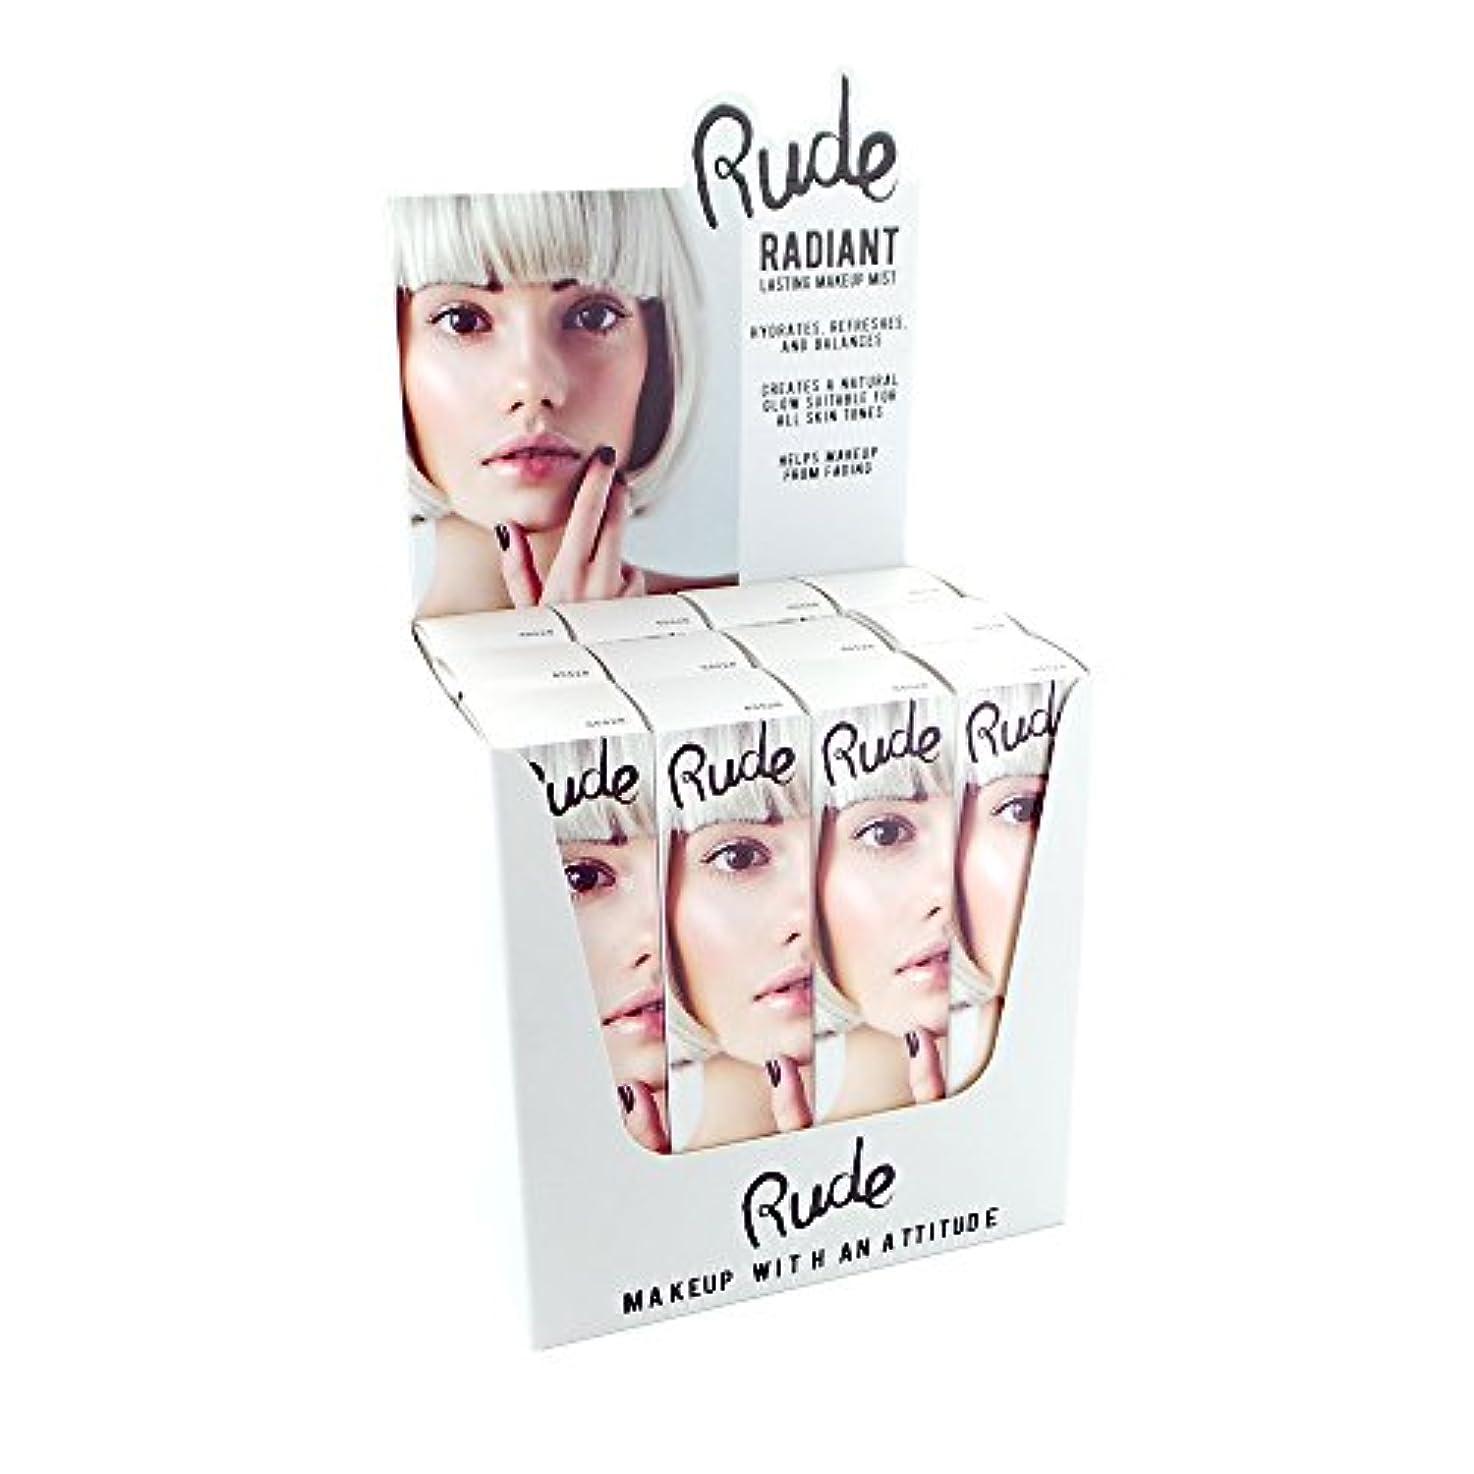 社説遠洋のりRUDE Radiant Lasting Makeup Mist Display Set, 12 Pieces (並行輸入品)